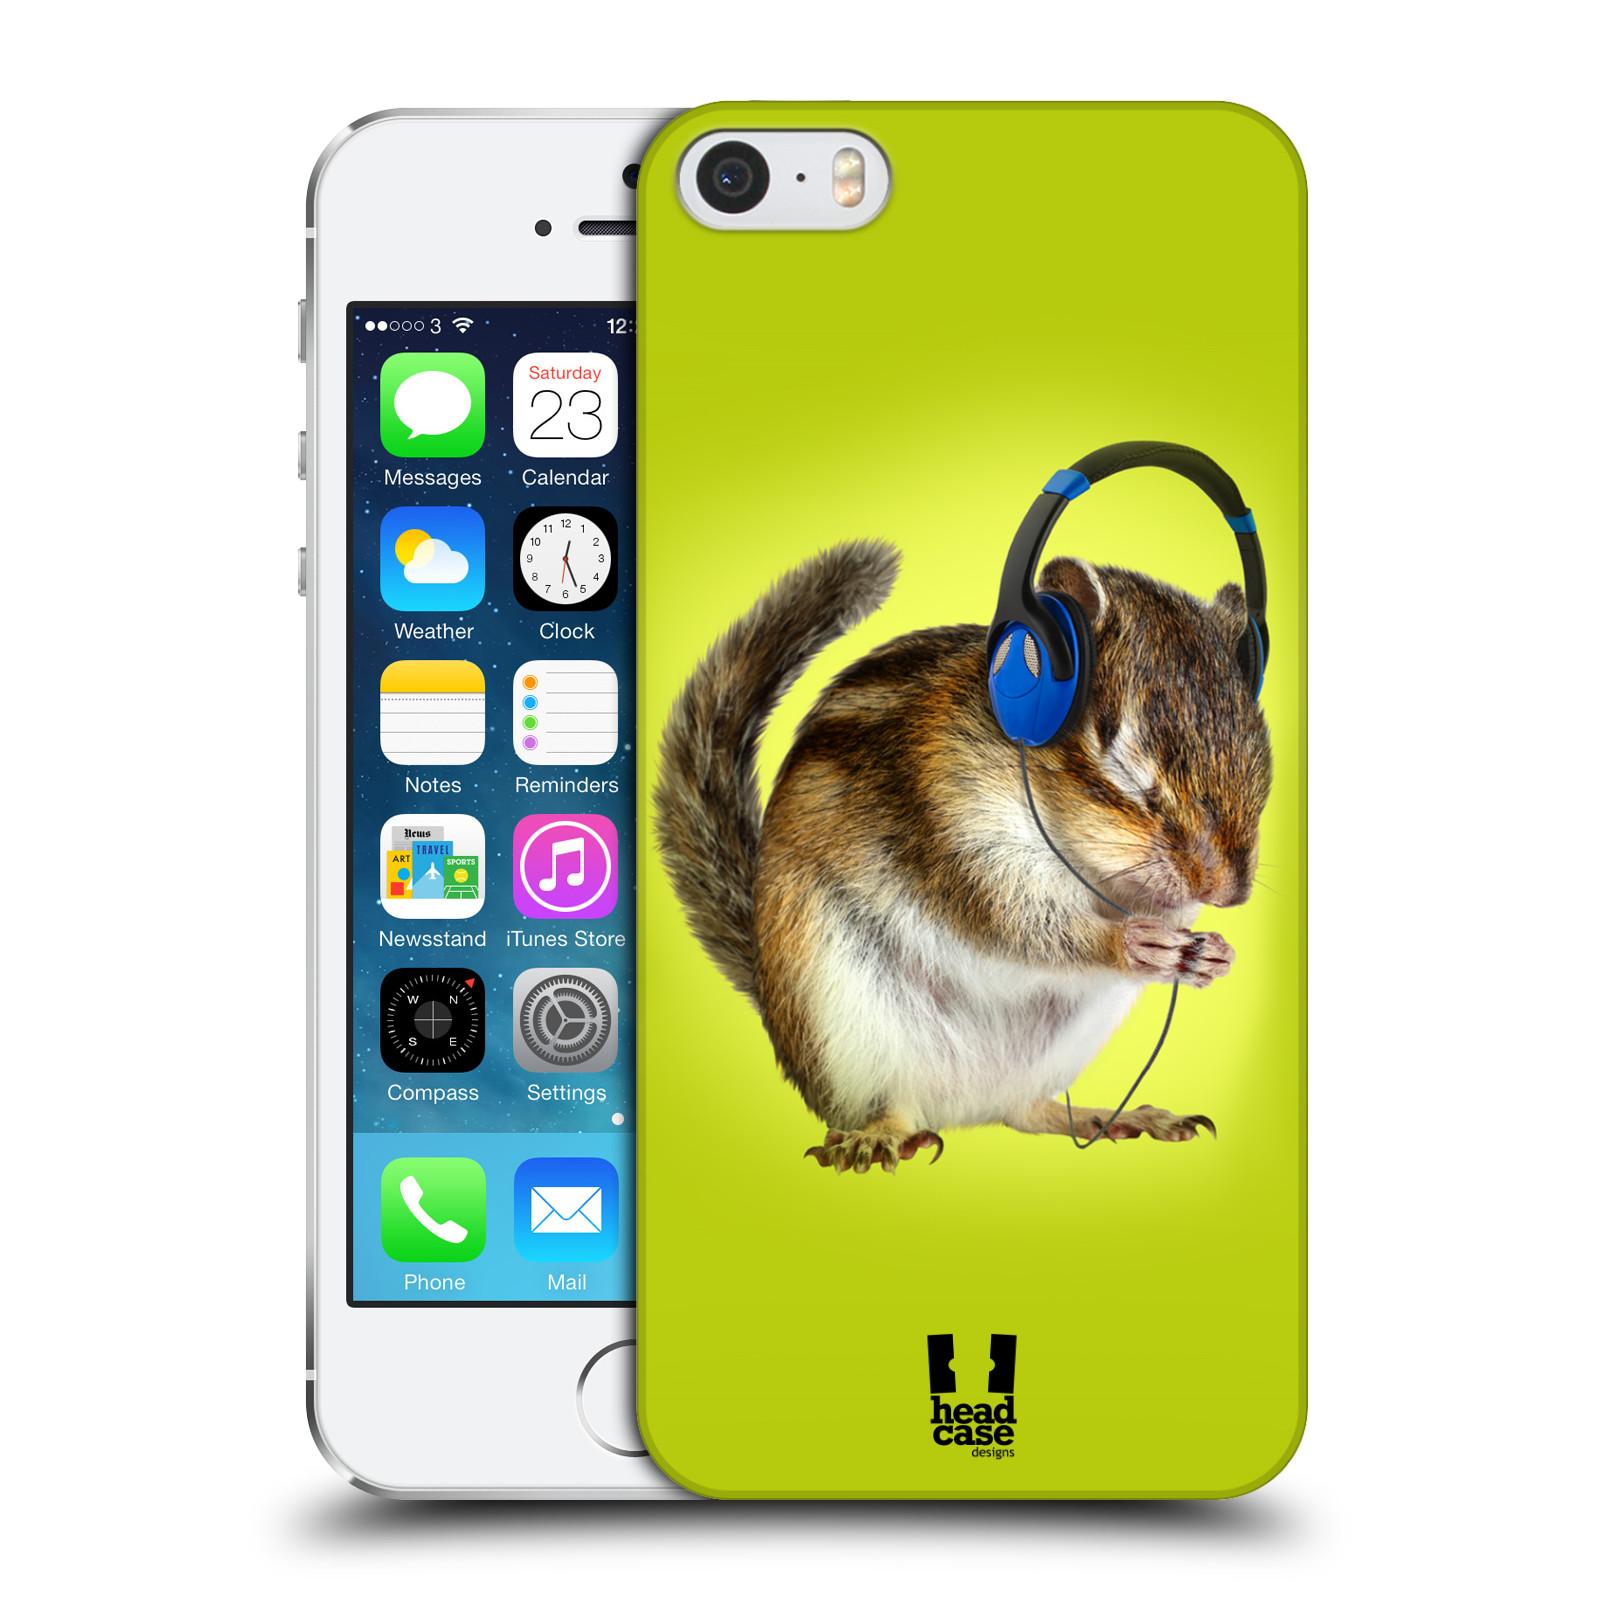 Plastové pouzdro pro mobil Apple Iphone 5 / 5S / SE vzor Legrační zvířátka veverka se sluchátky